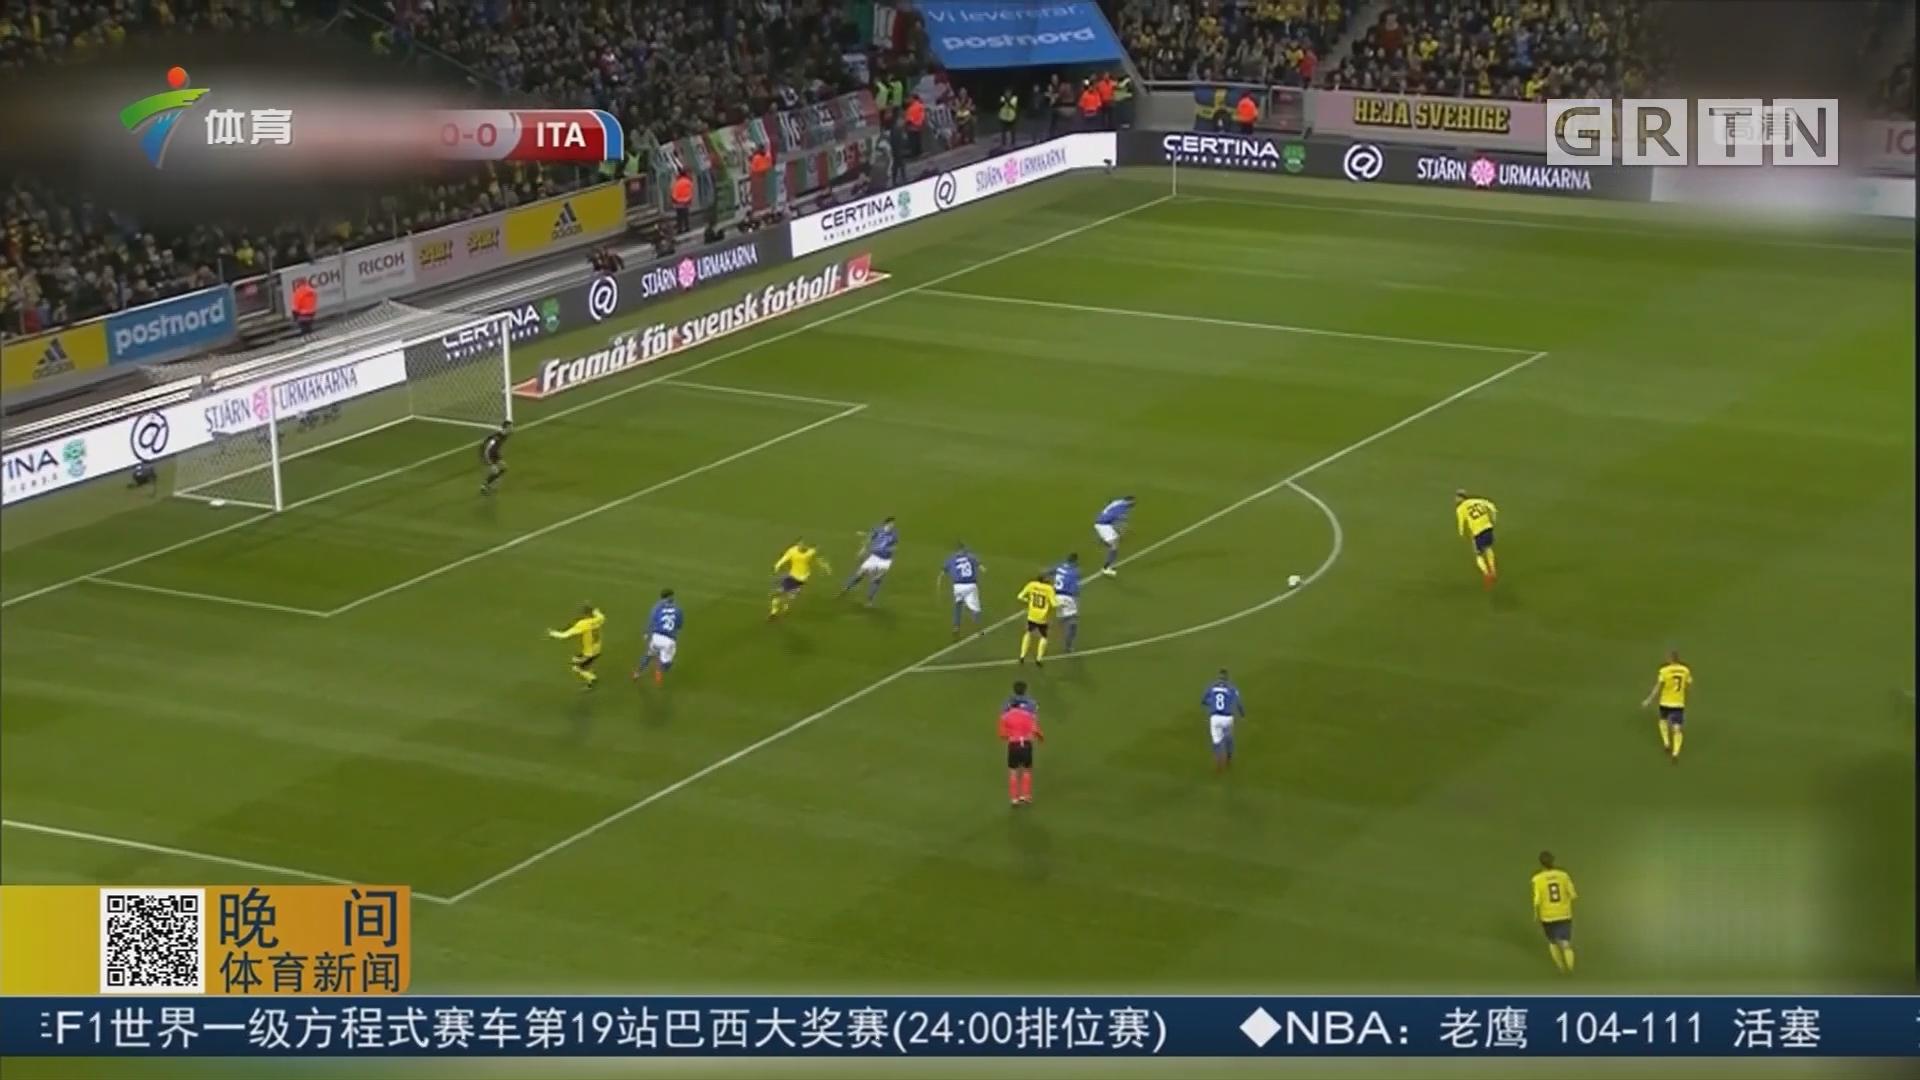 瑞典小胜意大利 附加赛抢得先机